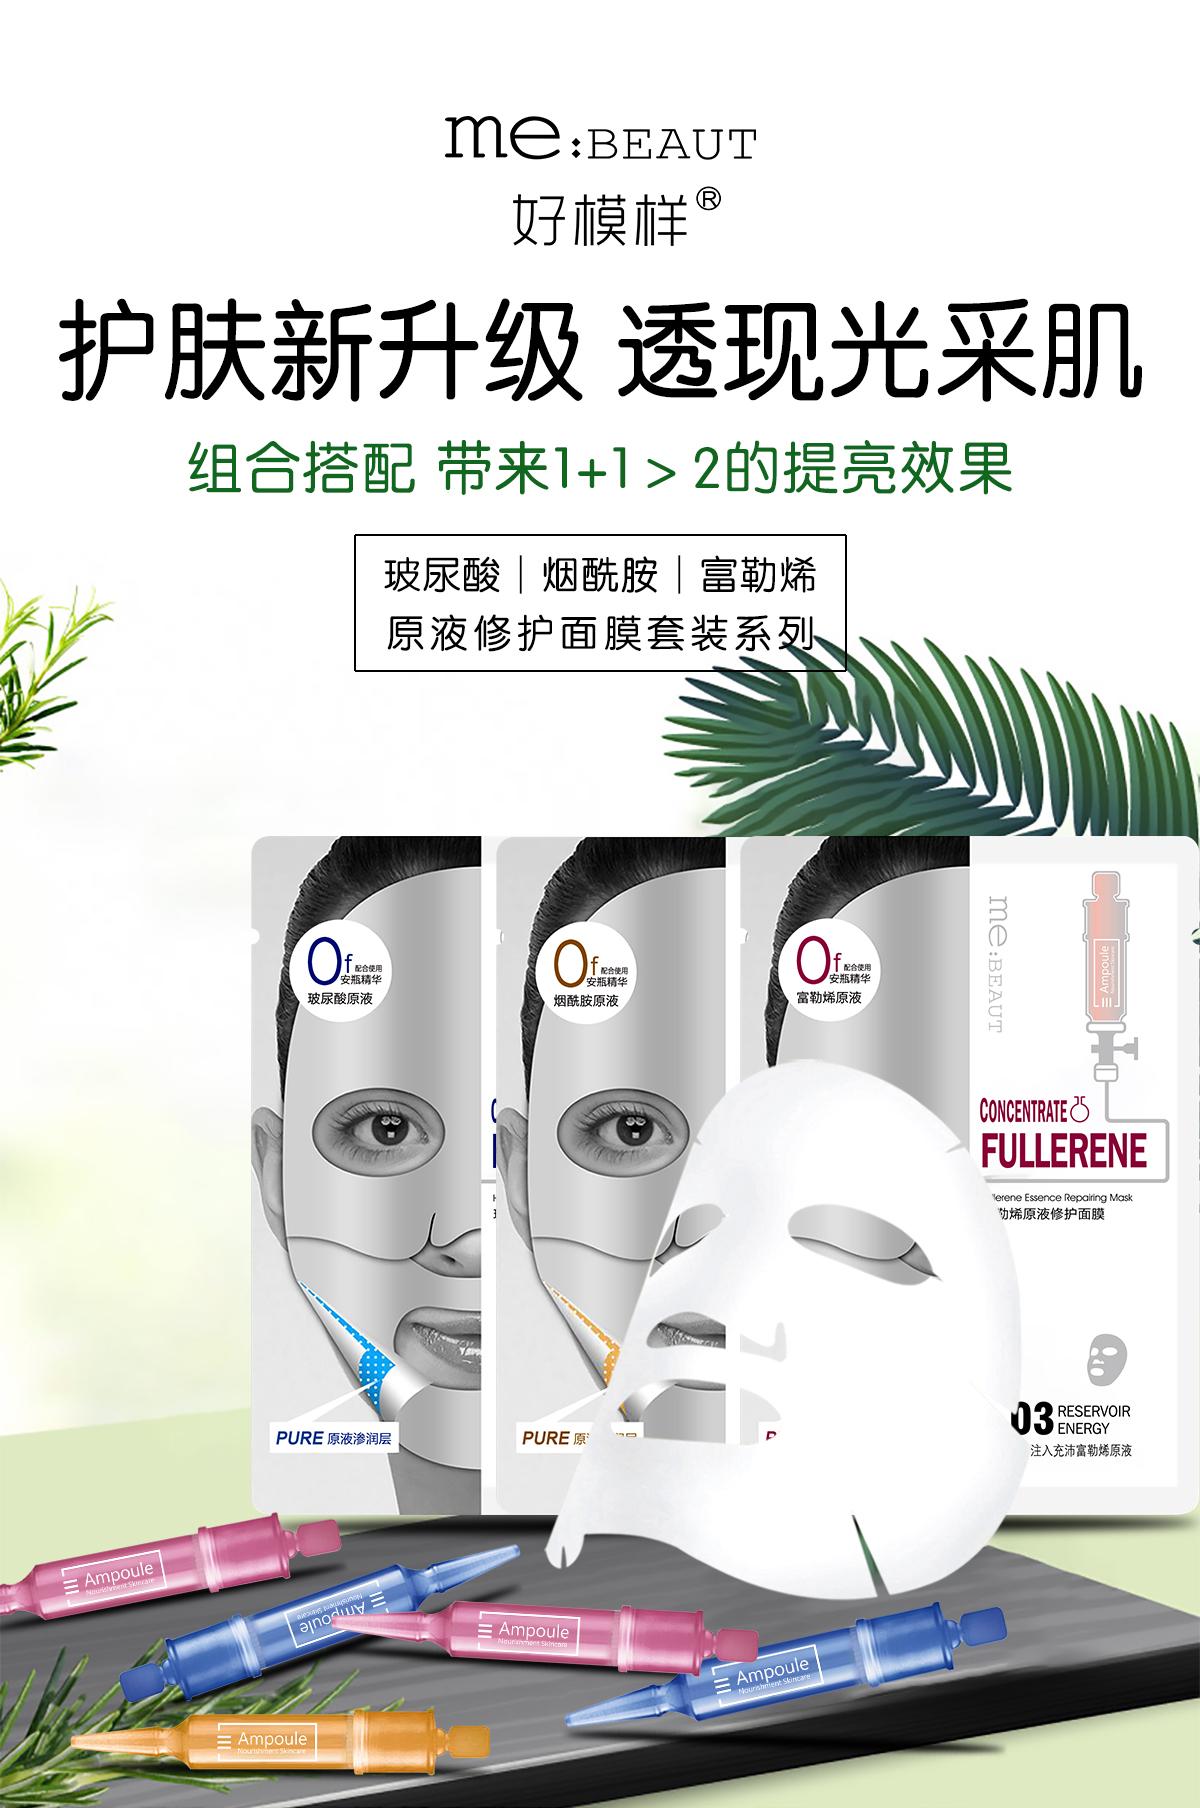 -好模样玻尿酸-烟酰胺-富勒烯原液修护面膜套装-系列海报02